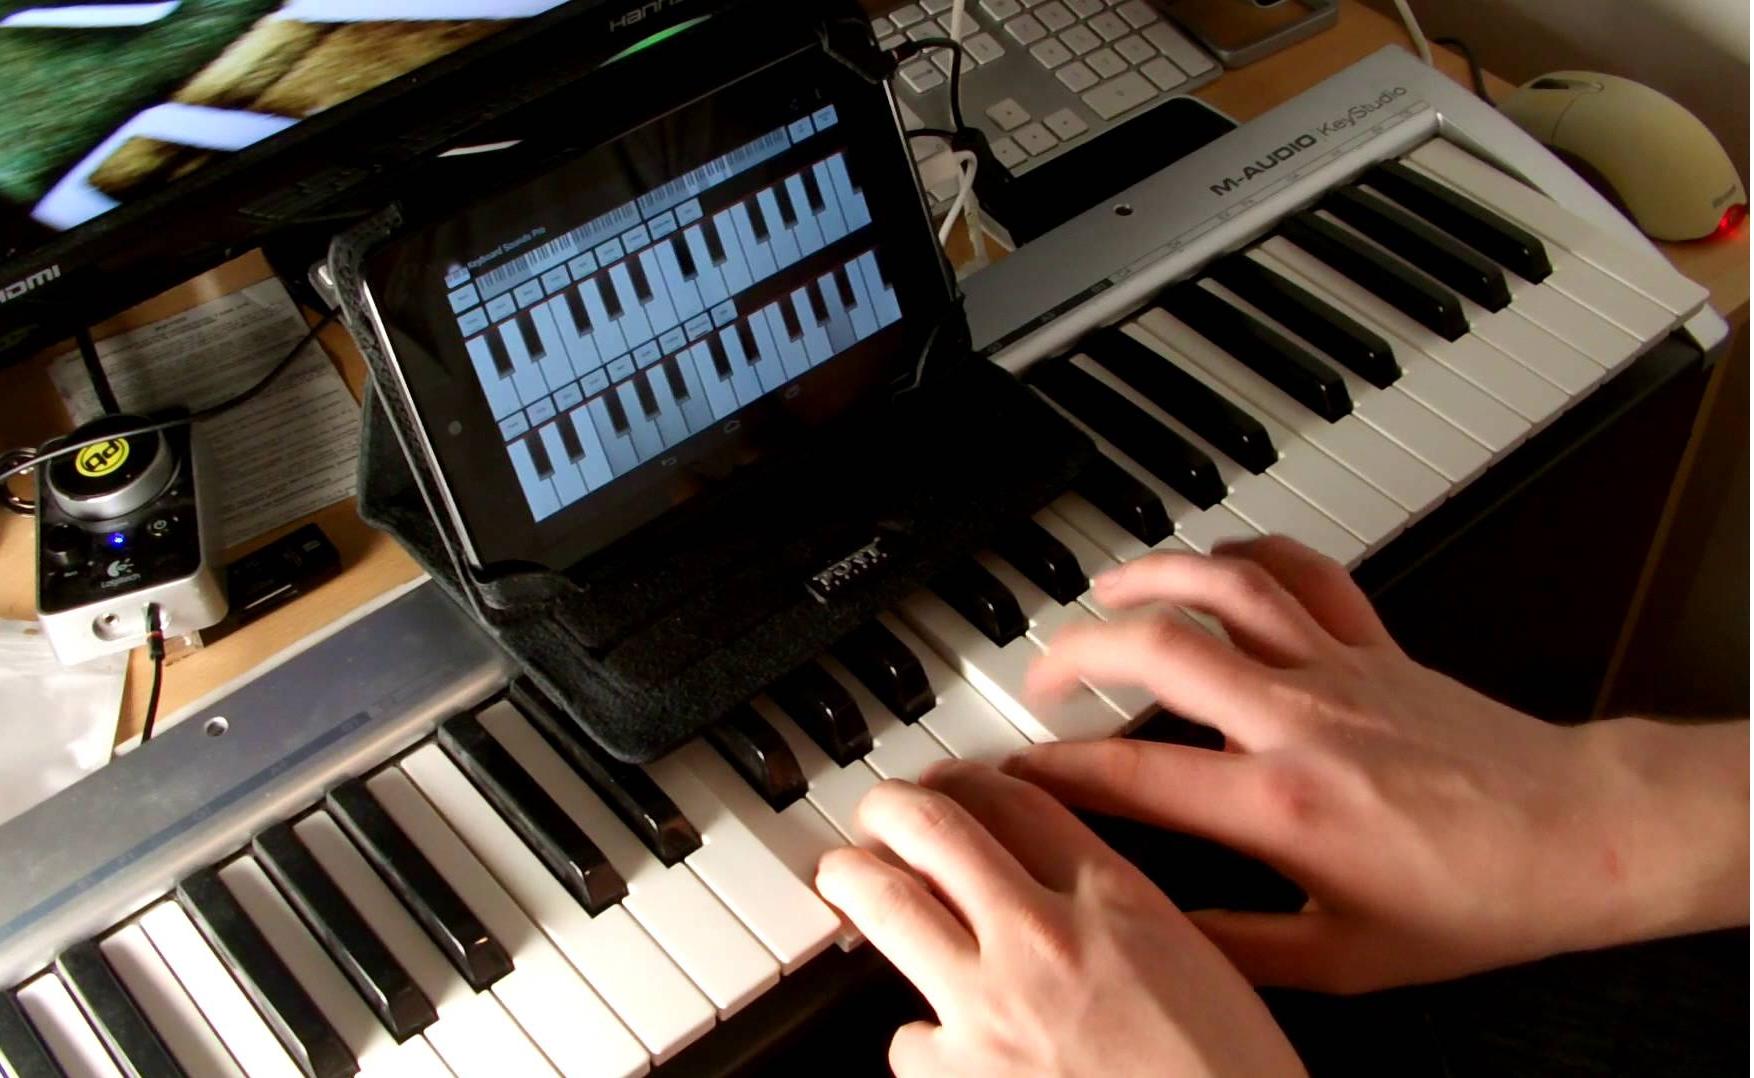 aplicaciones para crear musica tablet android smartphone